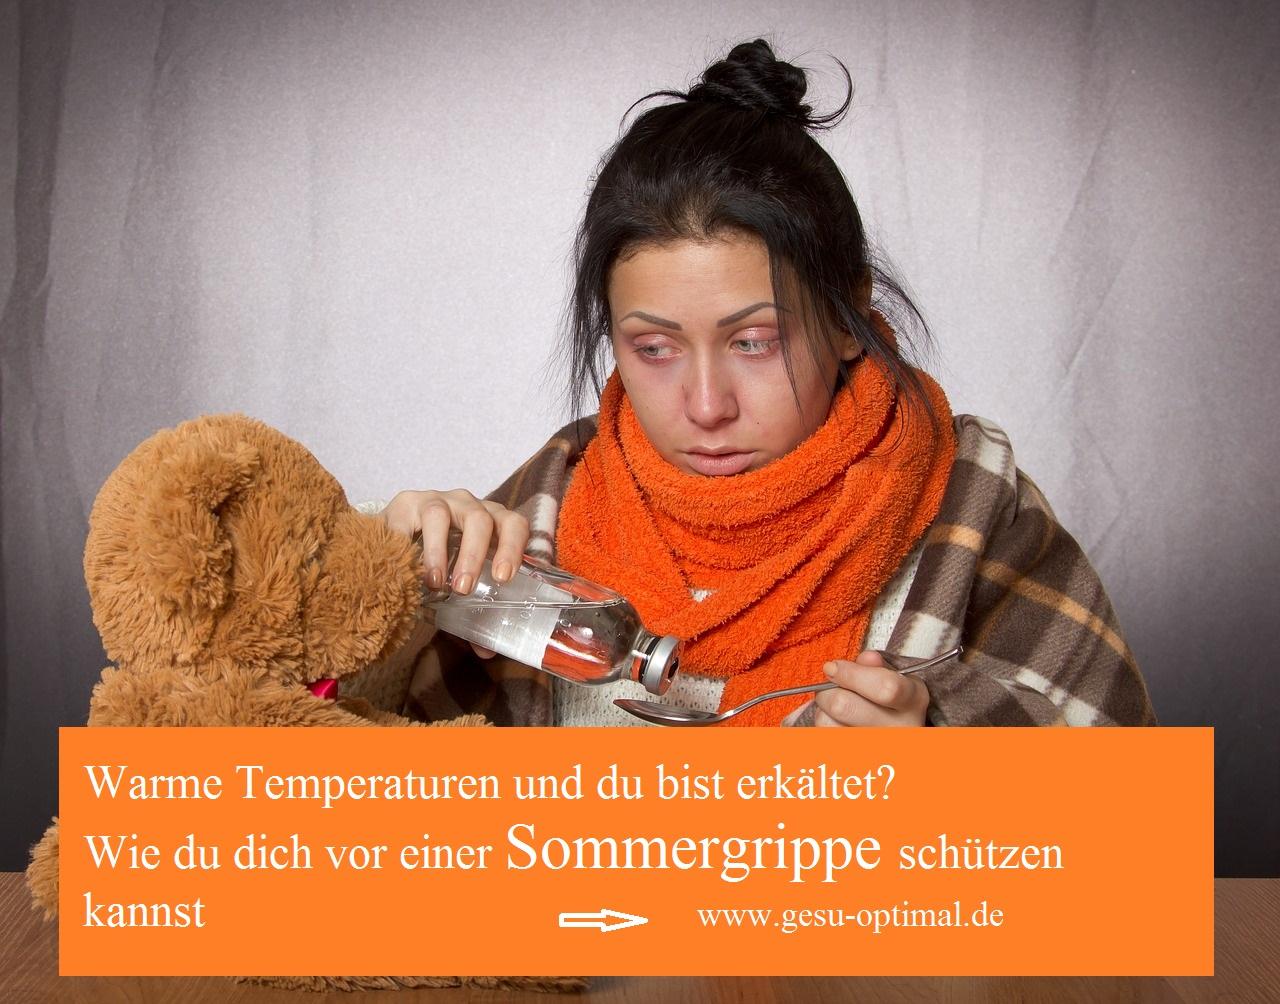 Sommergrippe – Husten und Schnupfen, wenn es warm ist